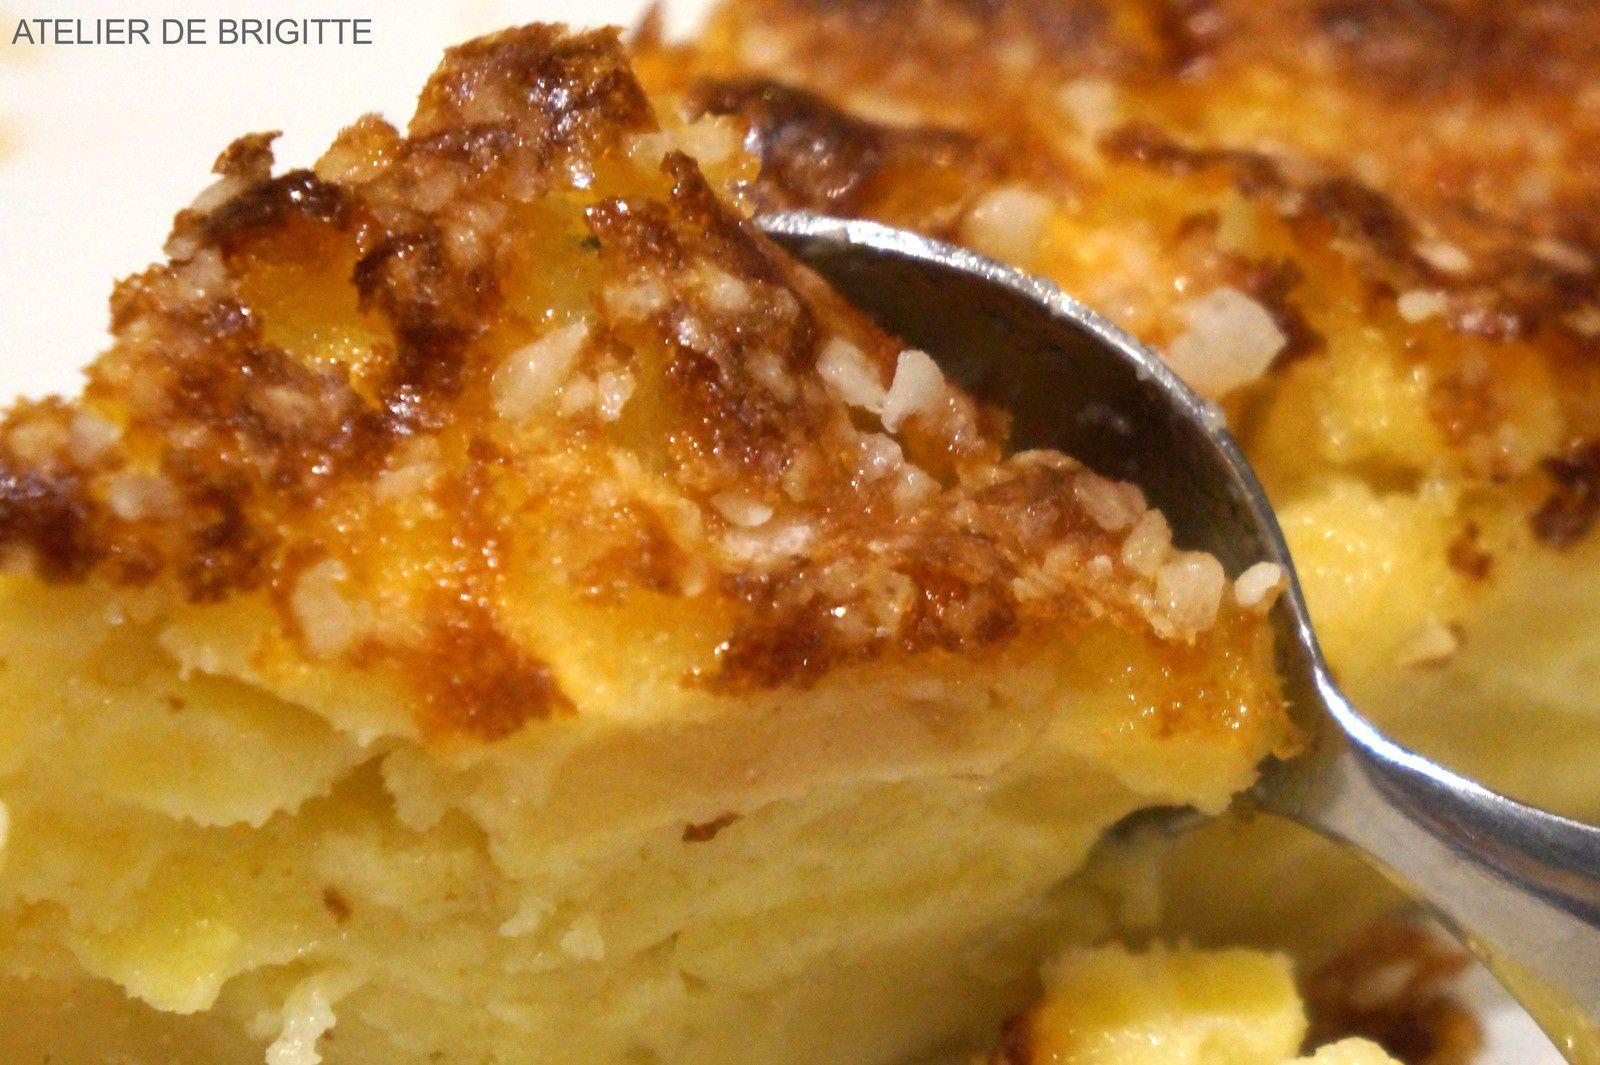 Gateau hyper moelleux aux pommes blogs de cuisine - Hyper cuisine ...